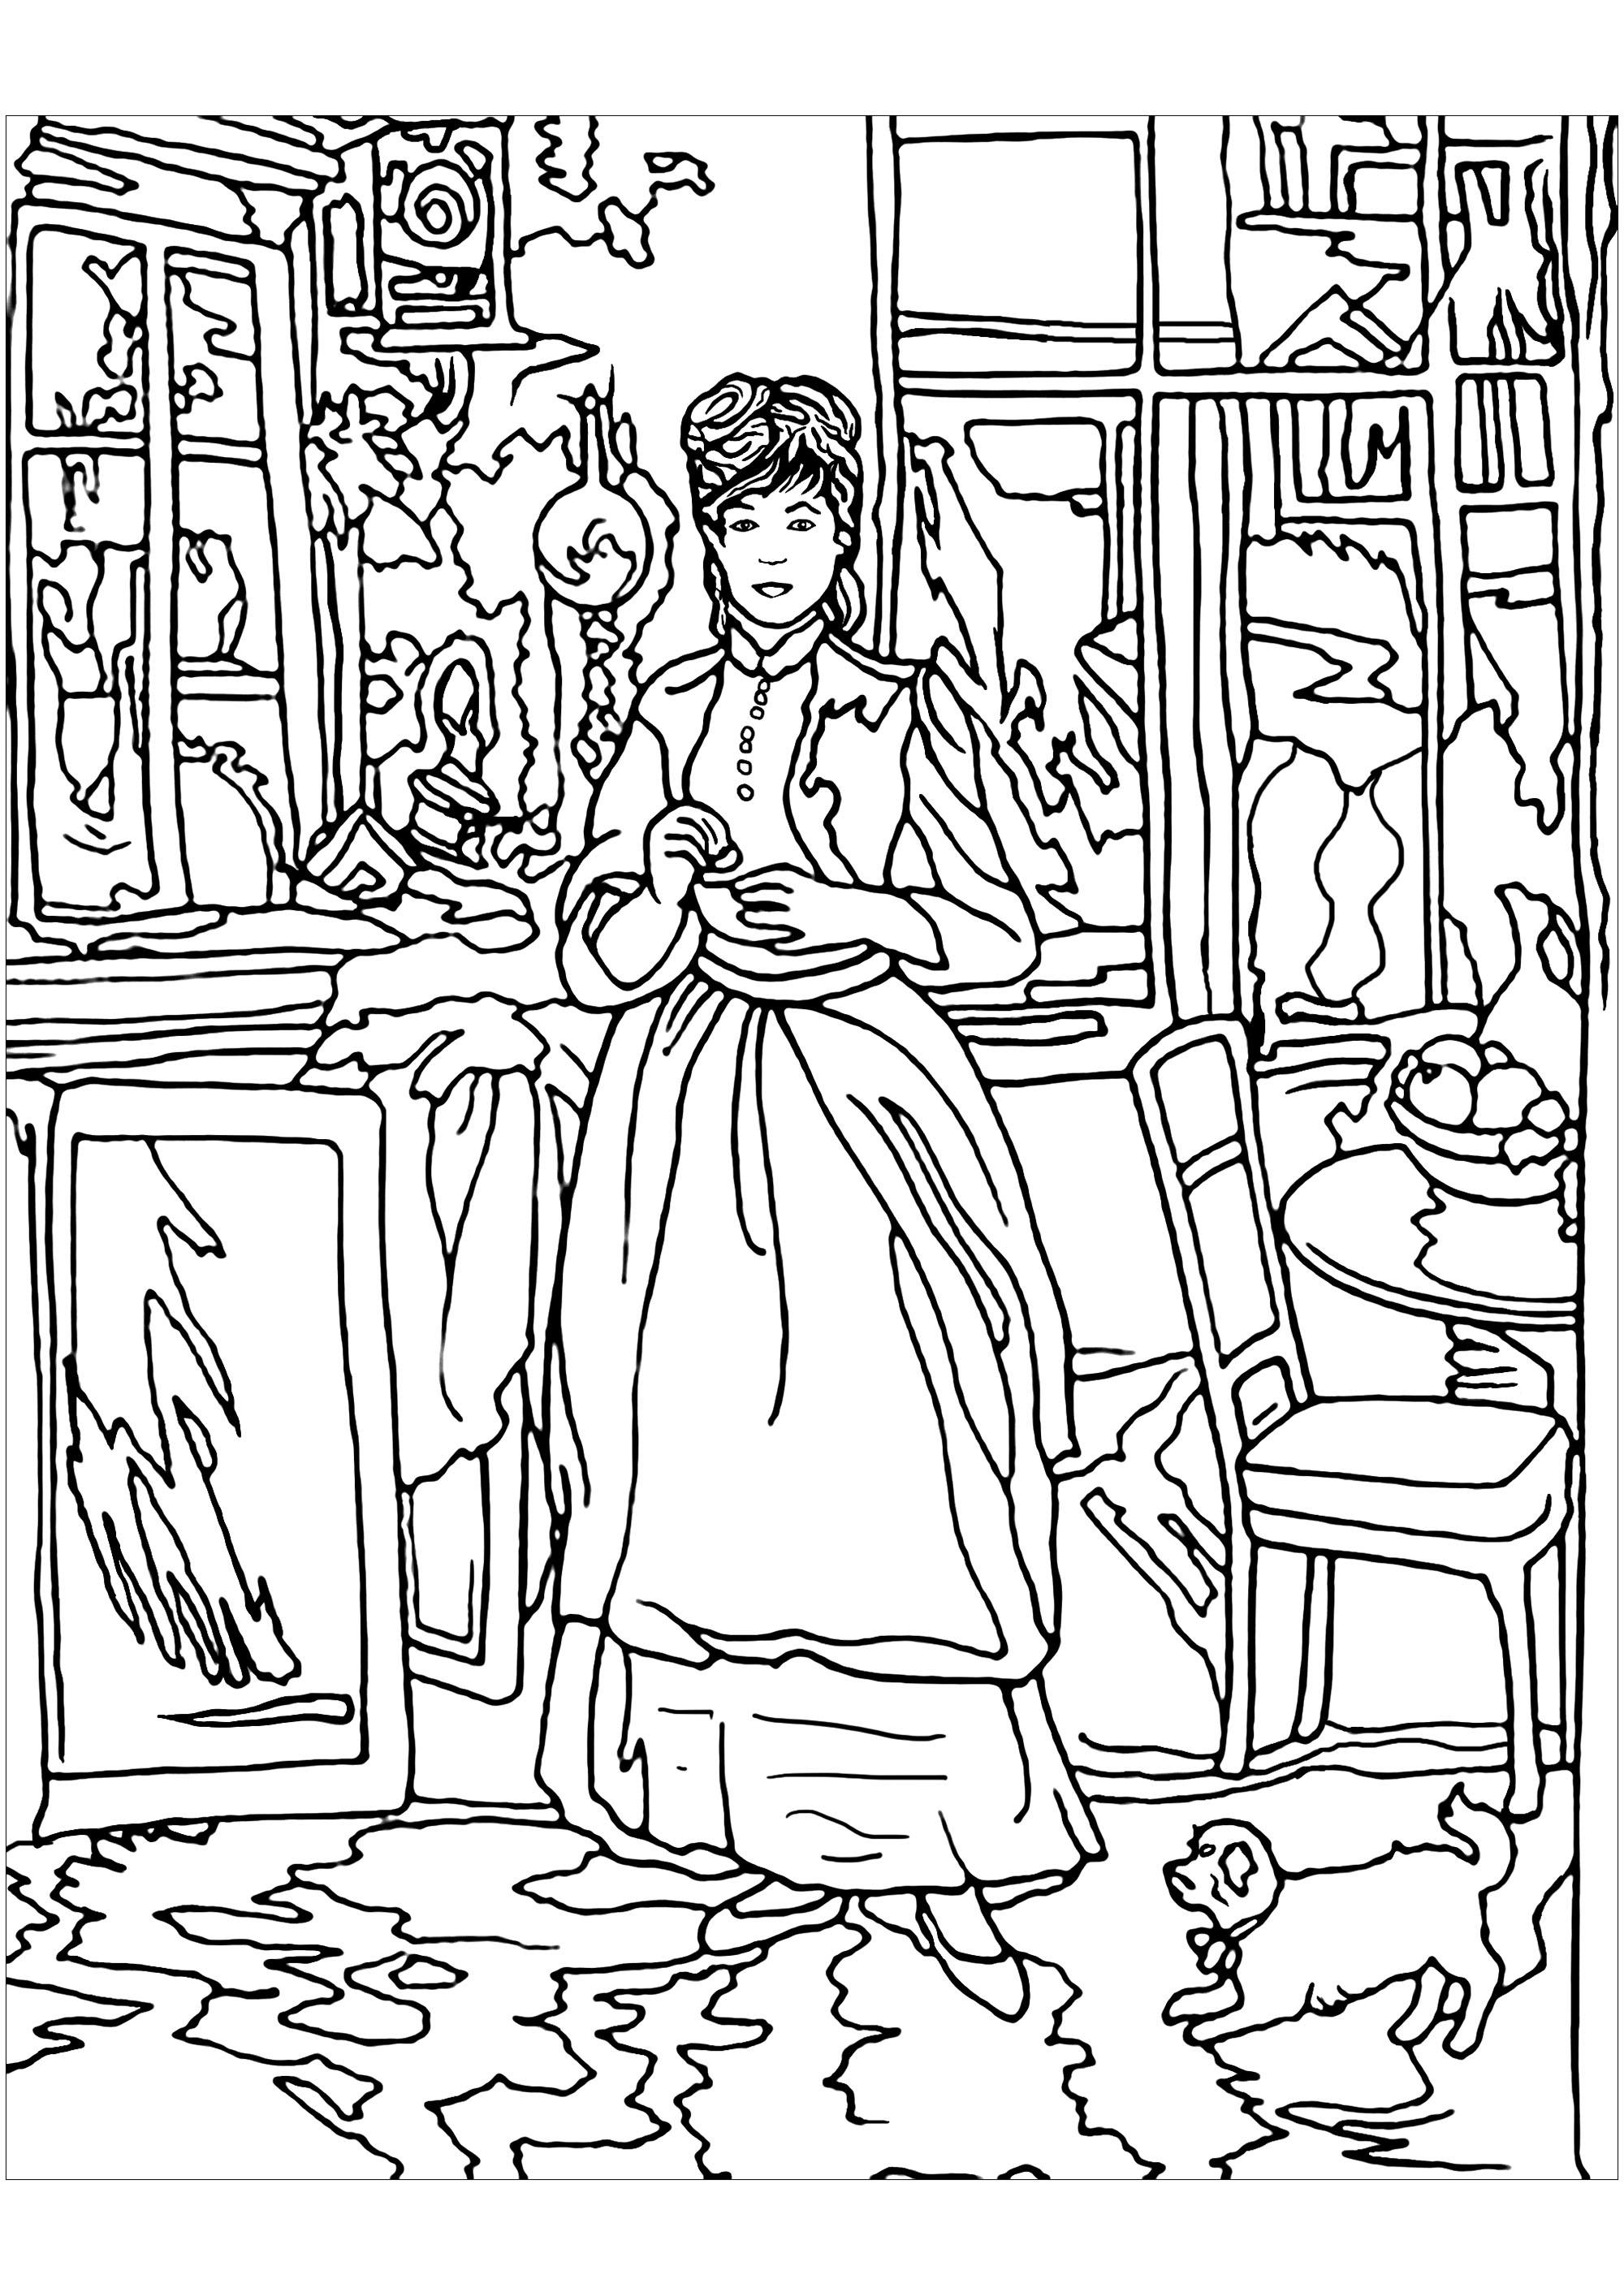 Coloriage créé à partir d'une oeuvre impressionniste de Berthe Morisot : Dans la salle à manger